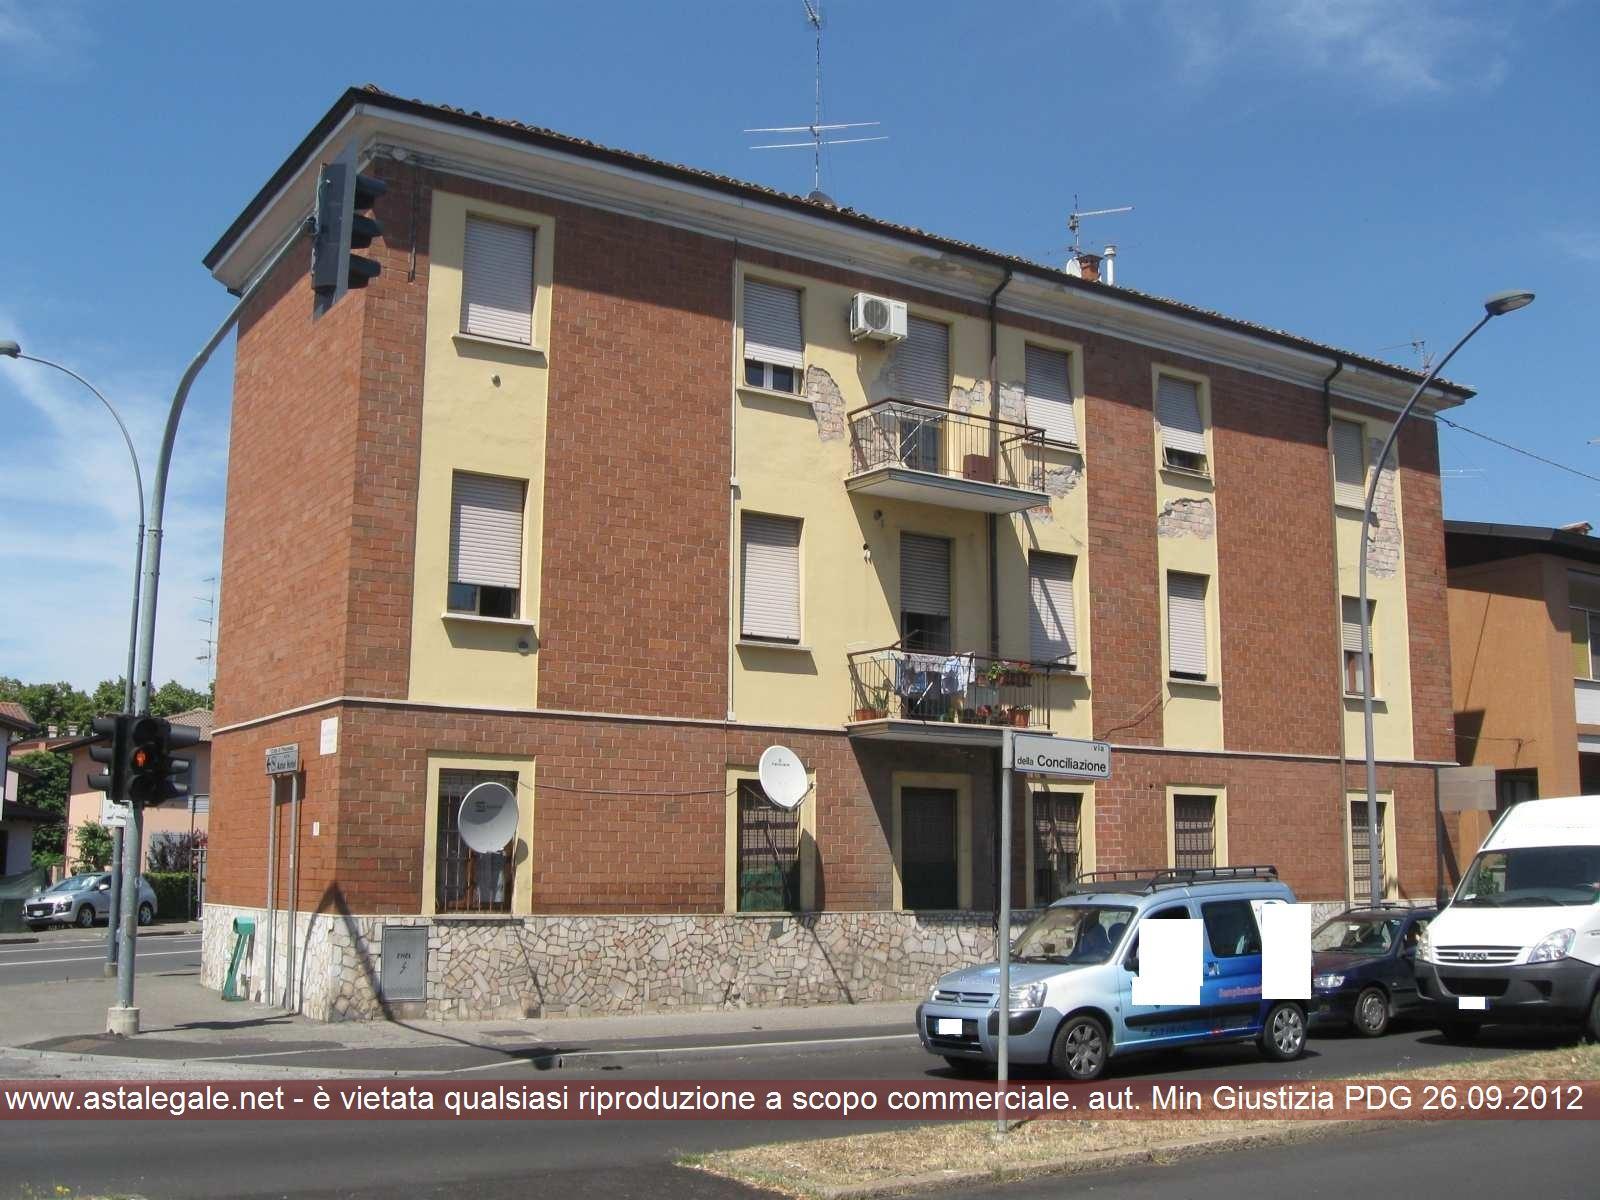 Piacenza (PC) Via Gobbi Belcredi 3